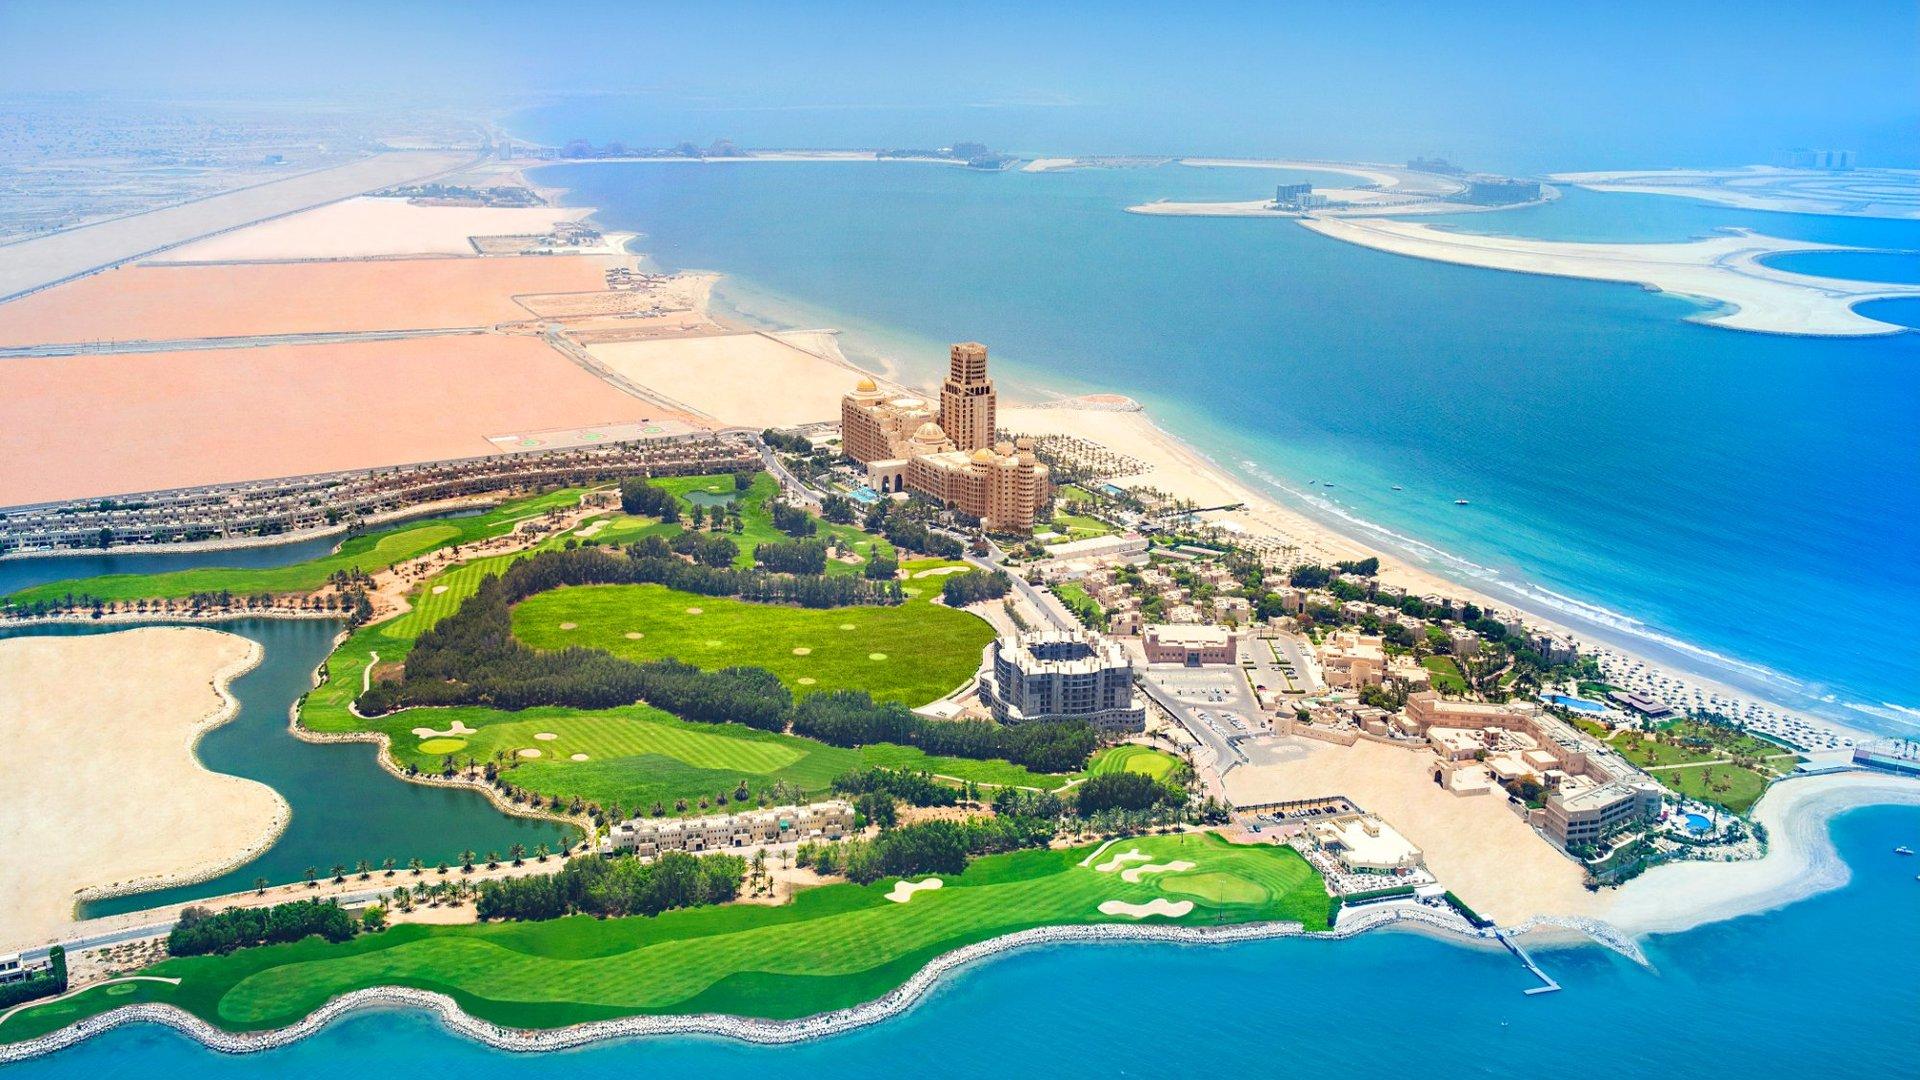 элемент рас аль хайма фото пляжей и набережной этого зависит внешний